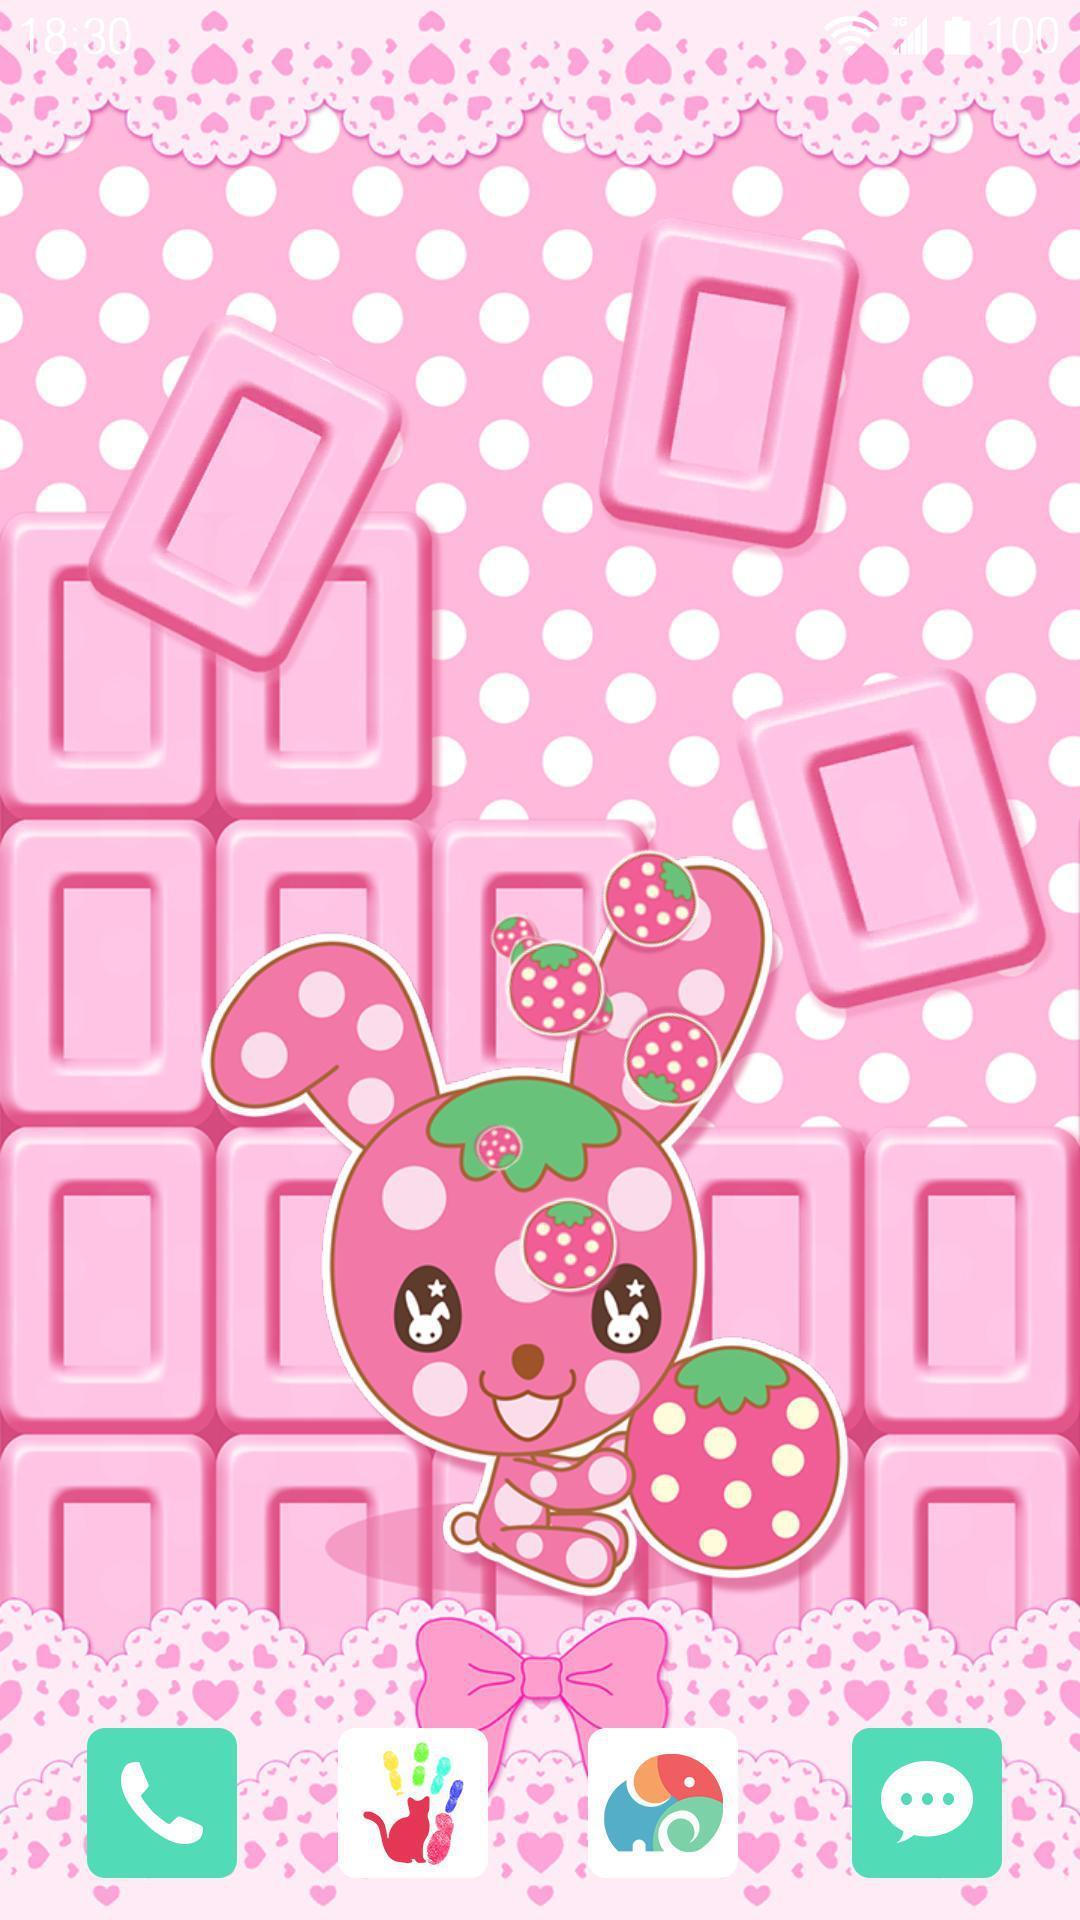 草莓-巧克力-梦象动态壁纸